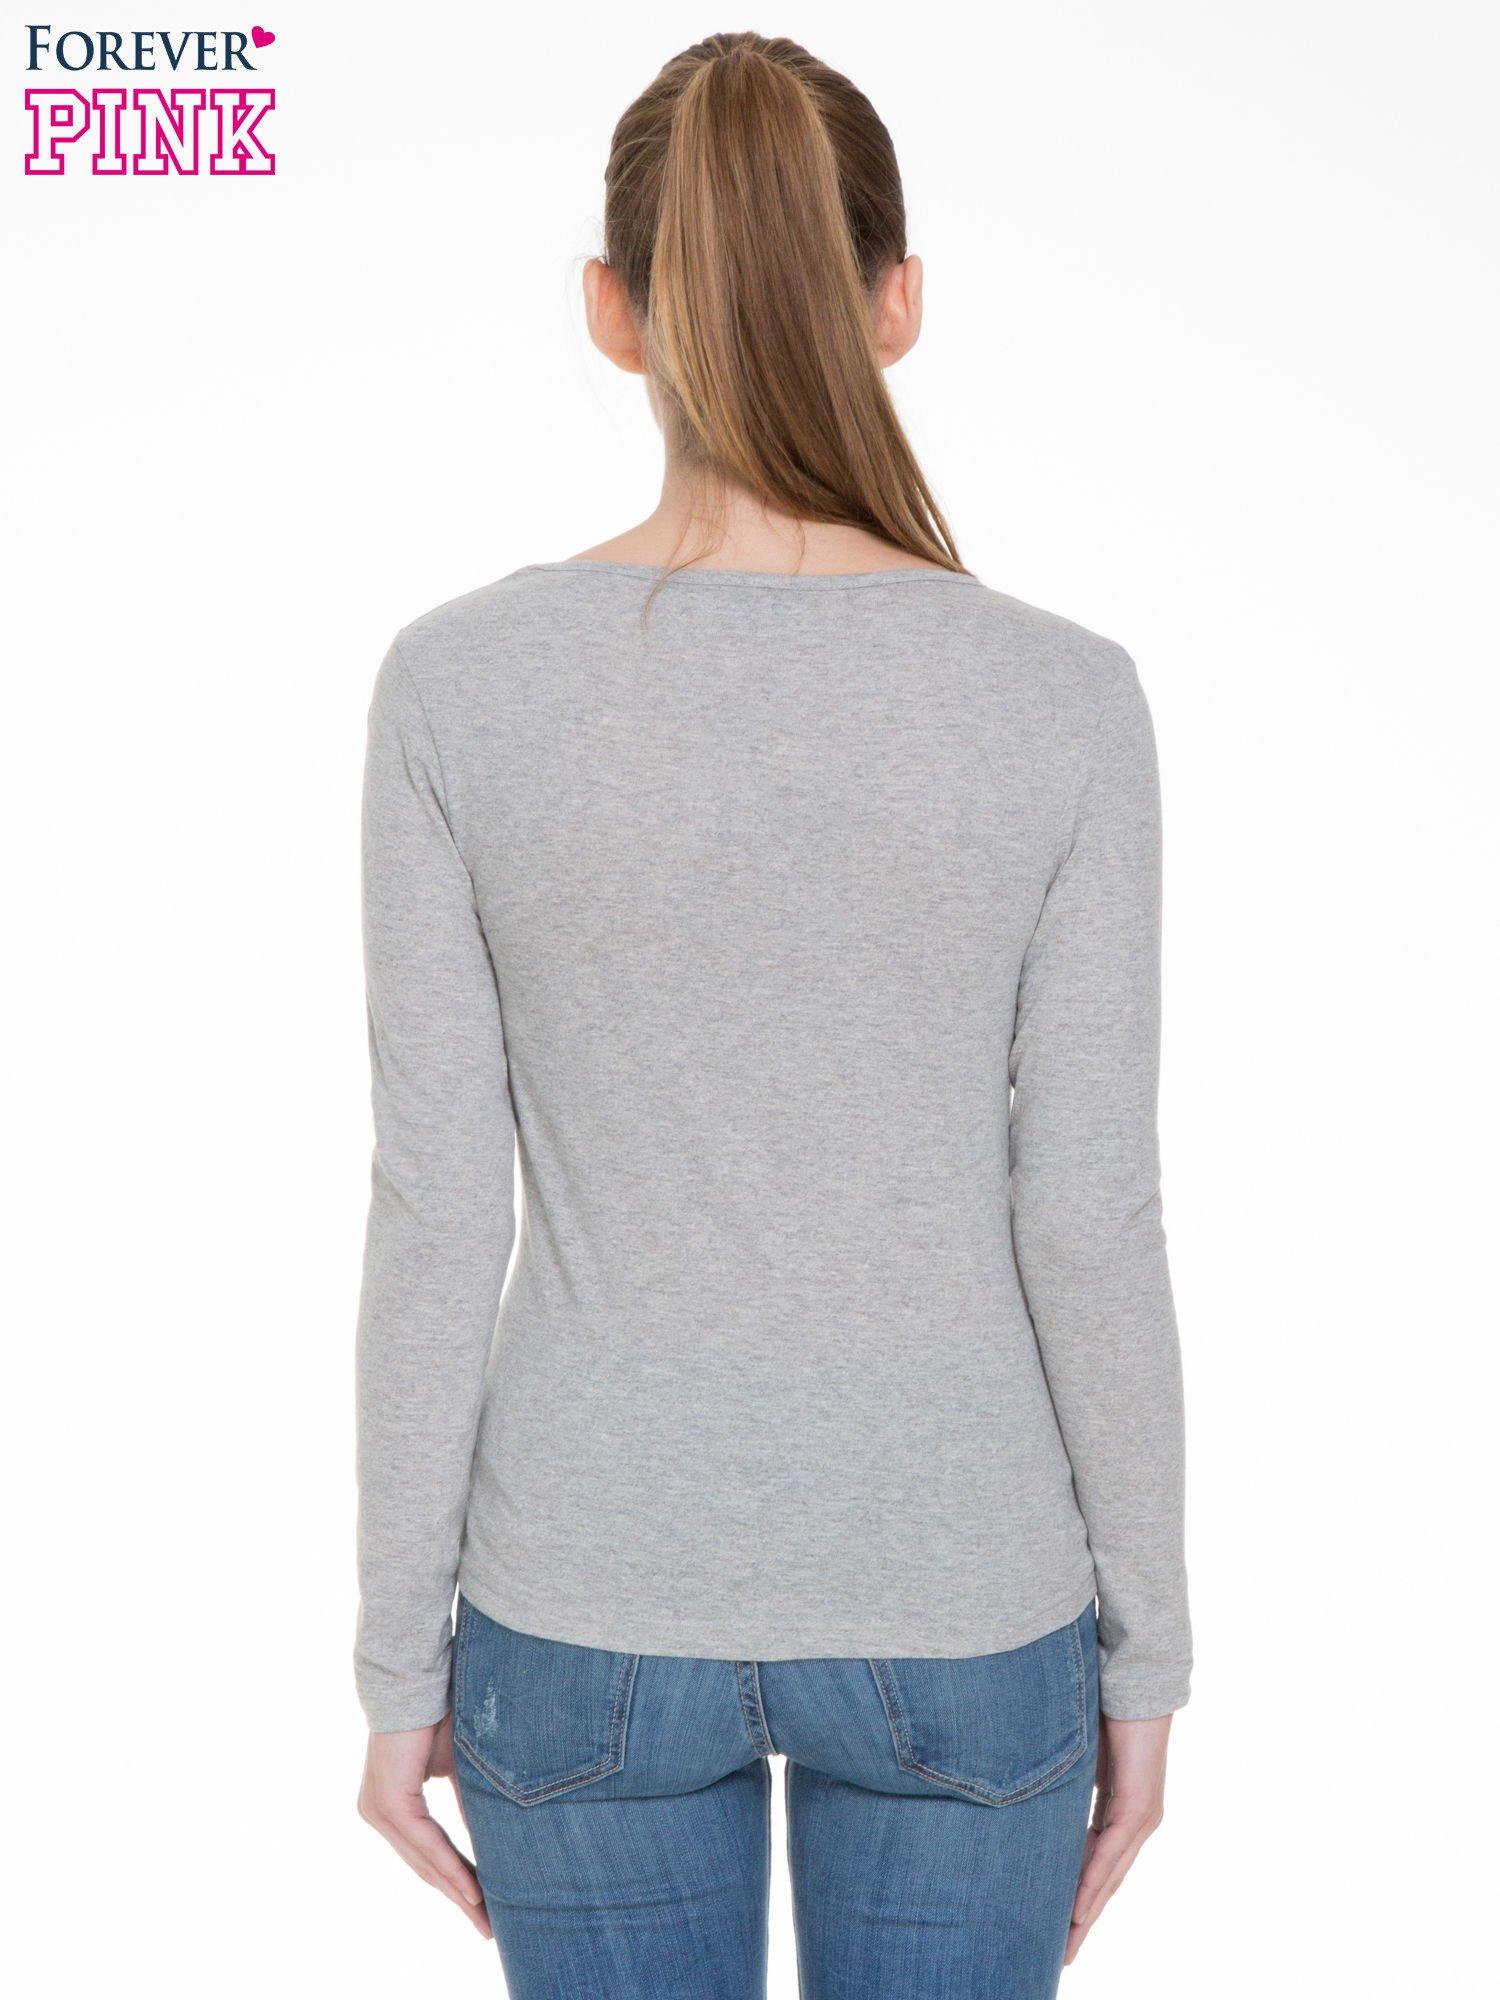 Jasnoszara bluzka z długim rękawem z bawełny                                  zdj.                                  4